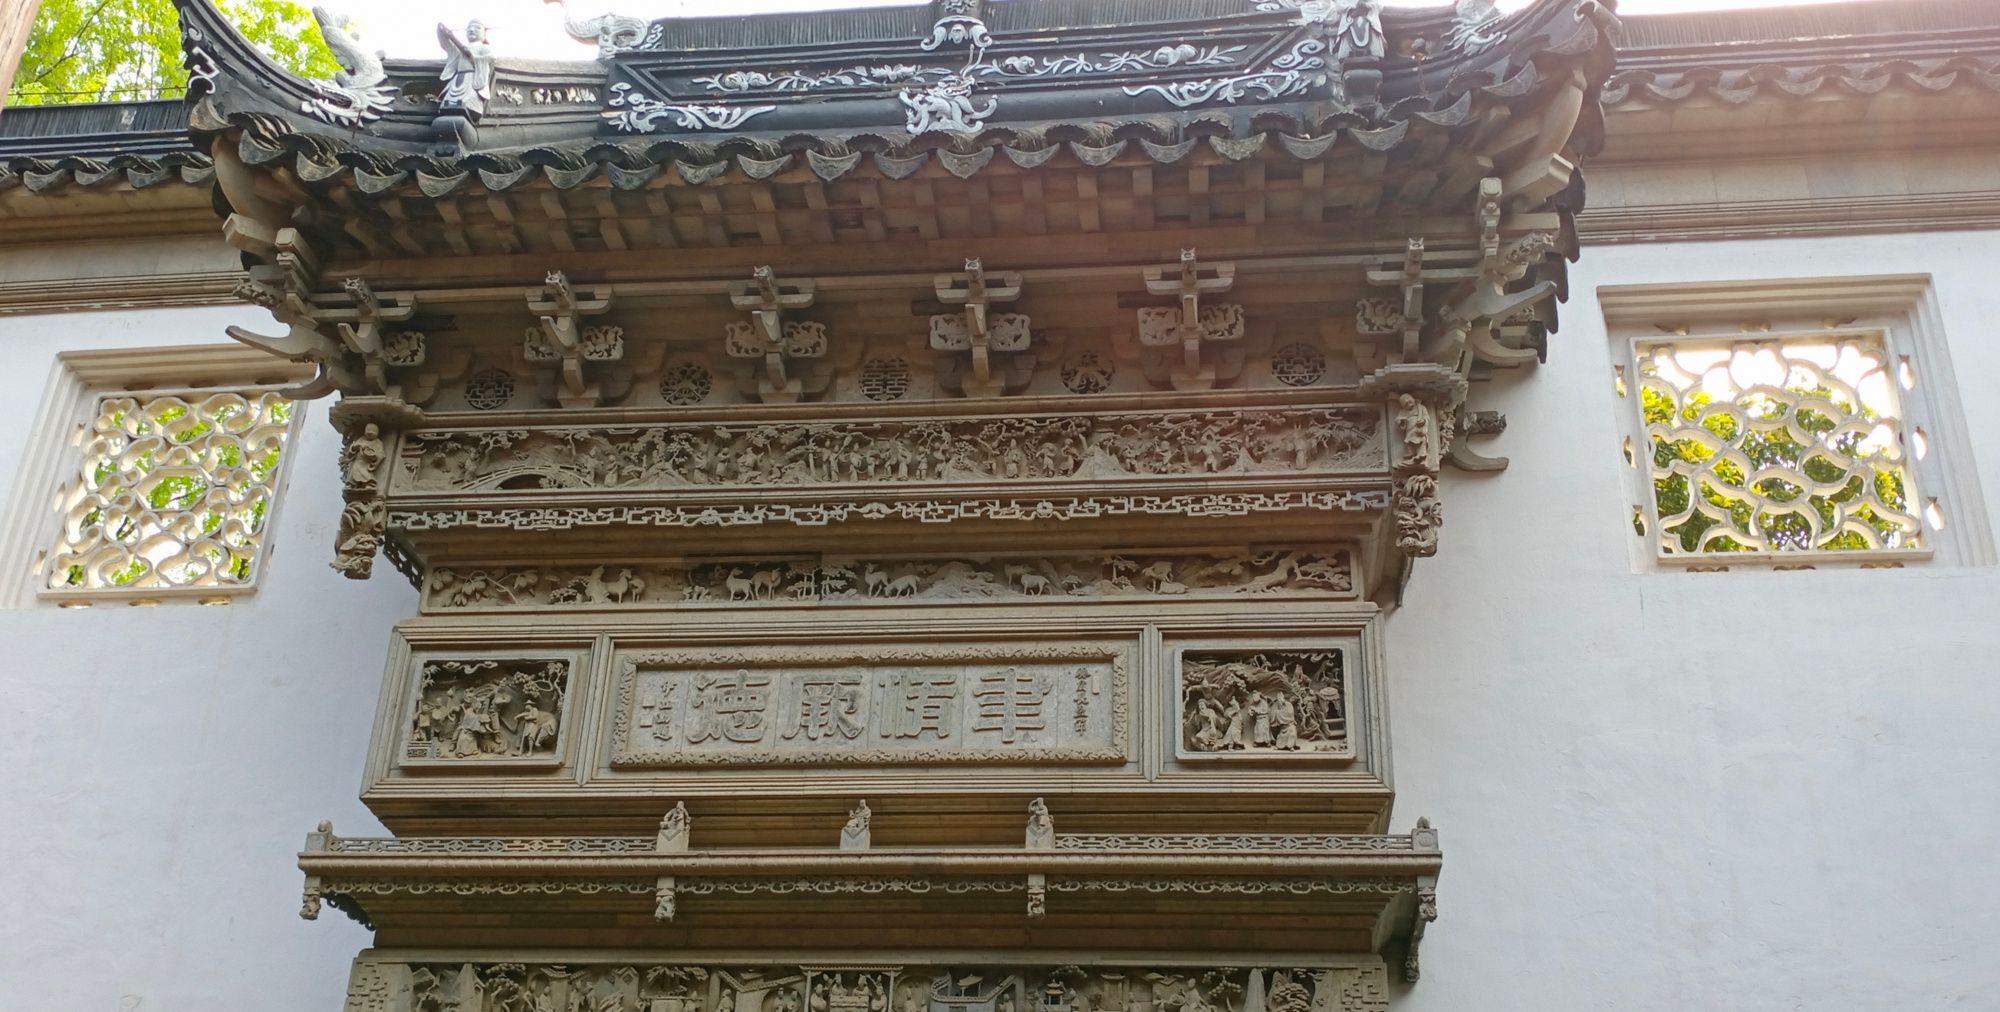 江南精美的砖木楼雕艺术——东山雕花